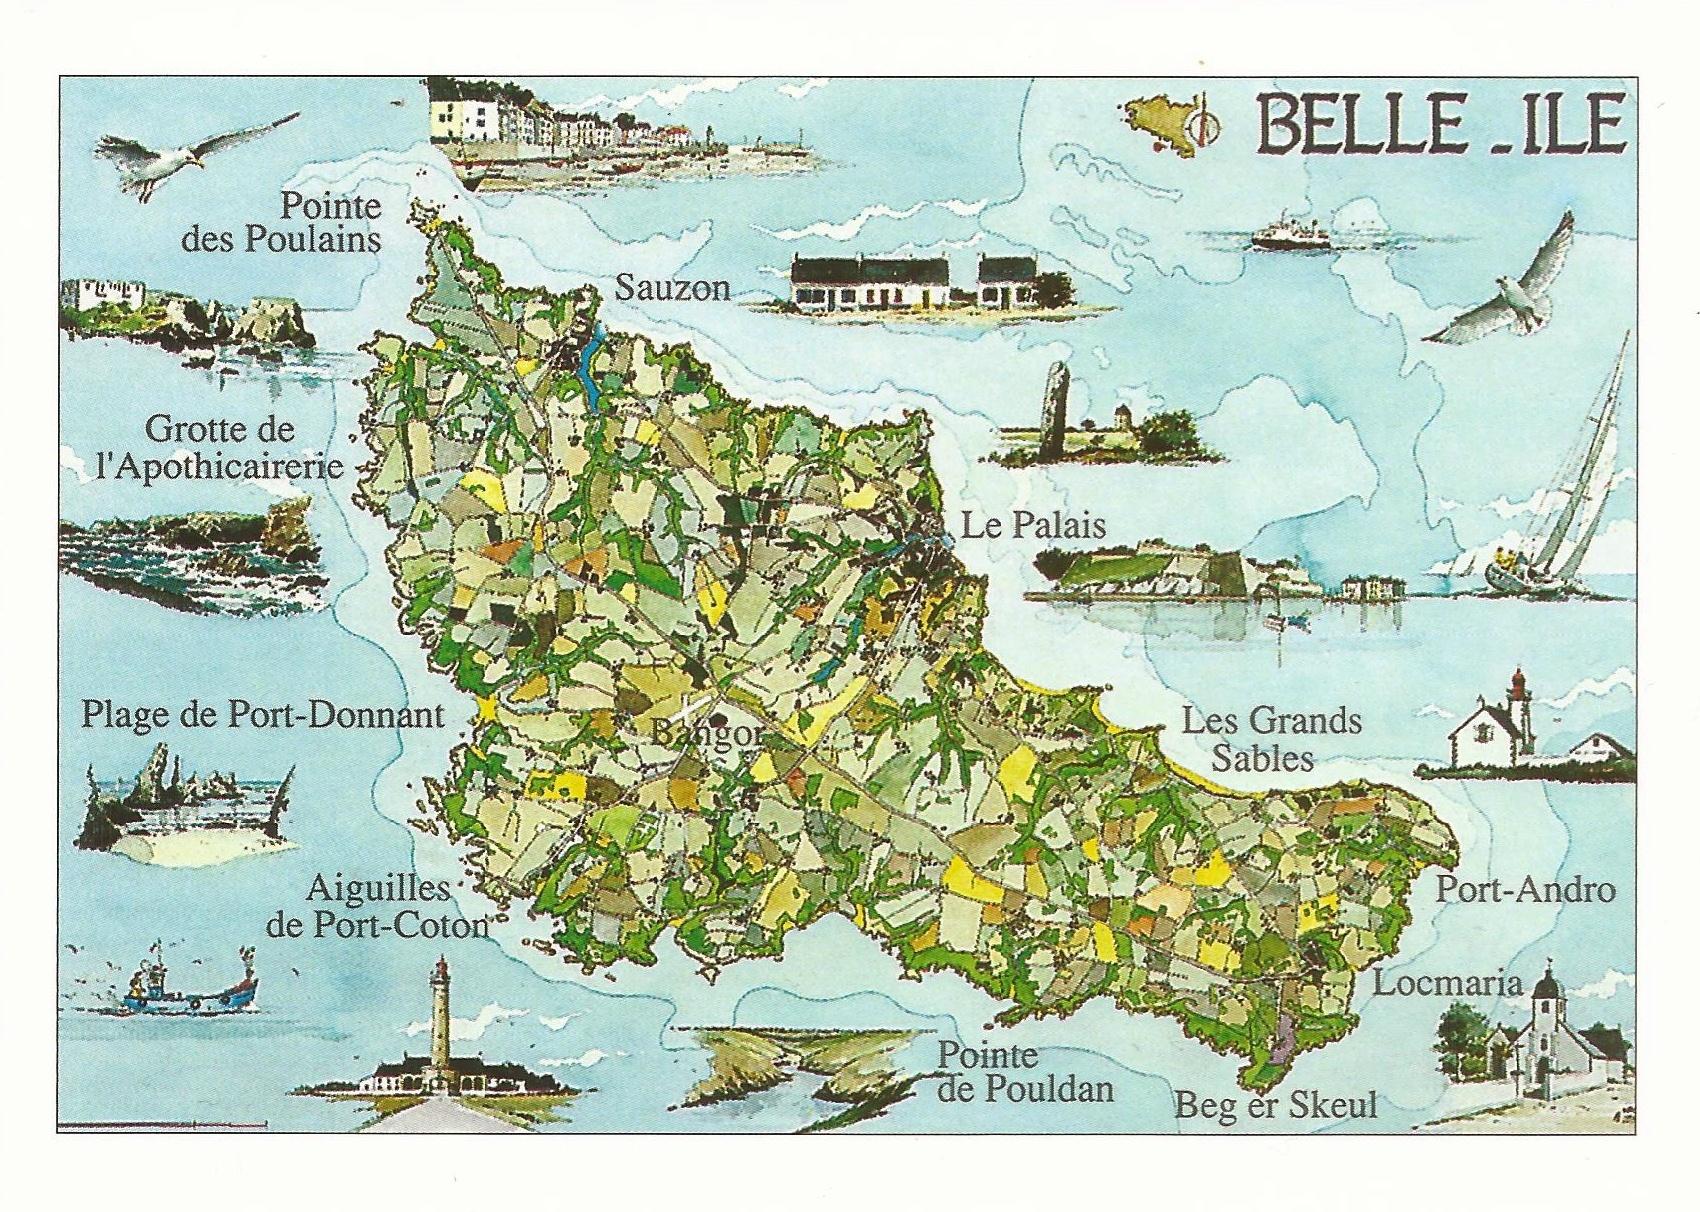 Sarah Bernhardt Pointe des Poulains Belle-île-en-Mer Bretagne week-end amoureux blog maman blog famille recomposée manger proprement blog les petits ruisseaux font les grandes rivieres blog PRGR https://prgr.fr